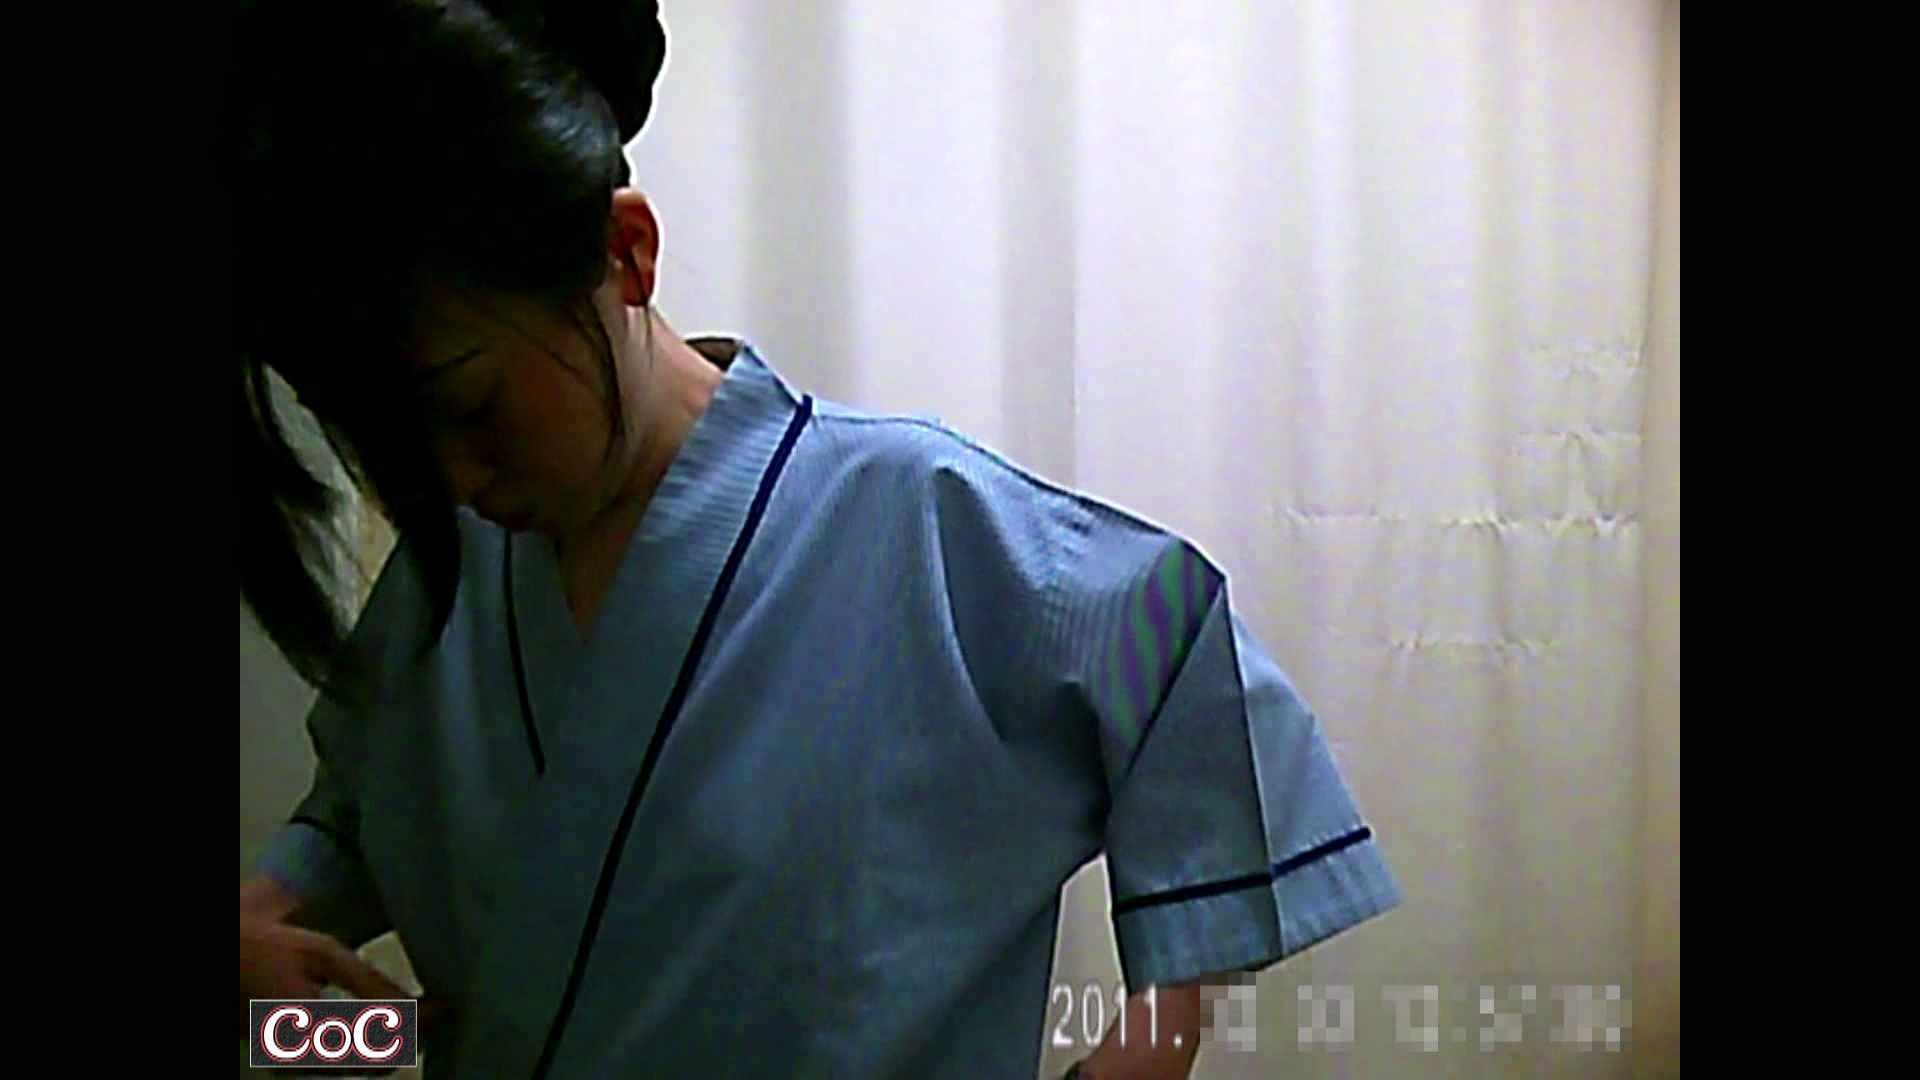 元医者による反抗 更衣室地獄絵巻 vol.186 OL  98pic 70